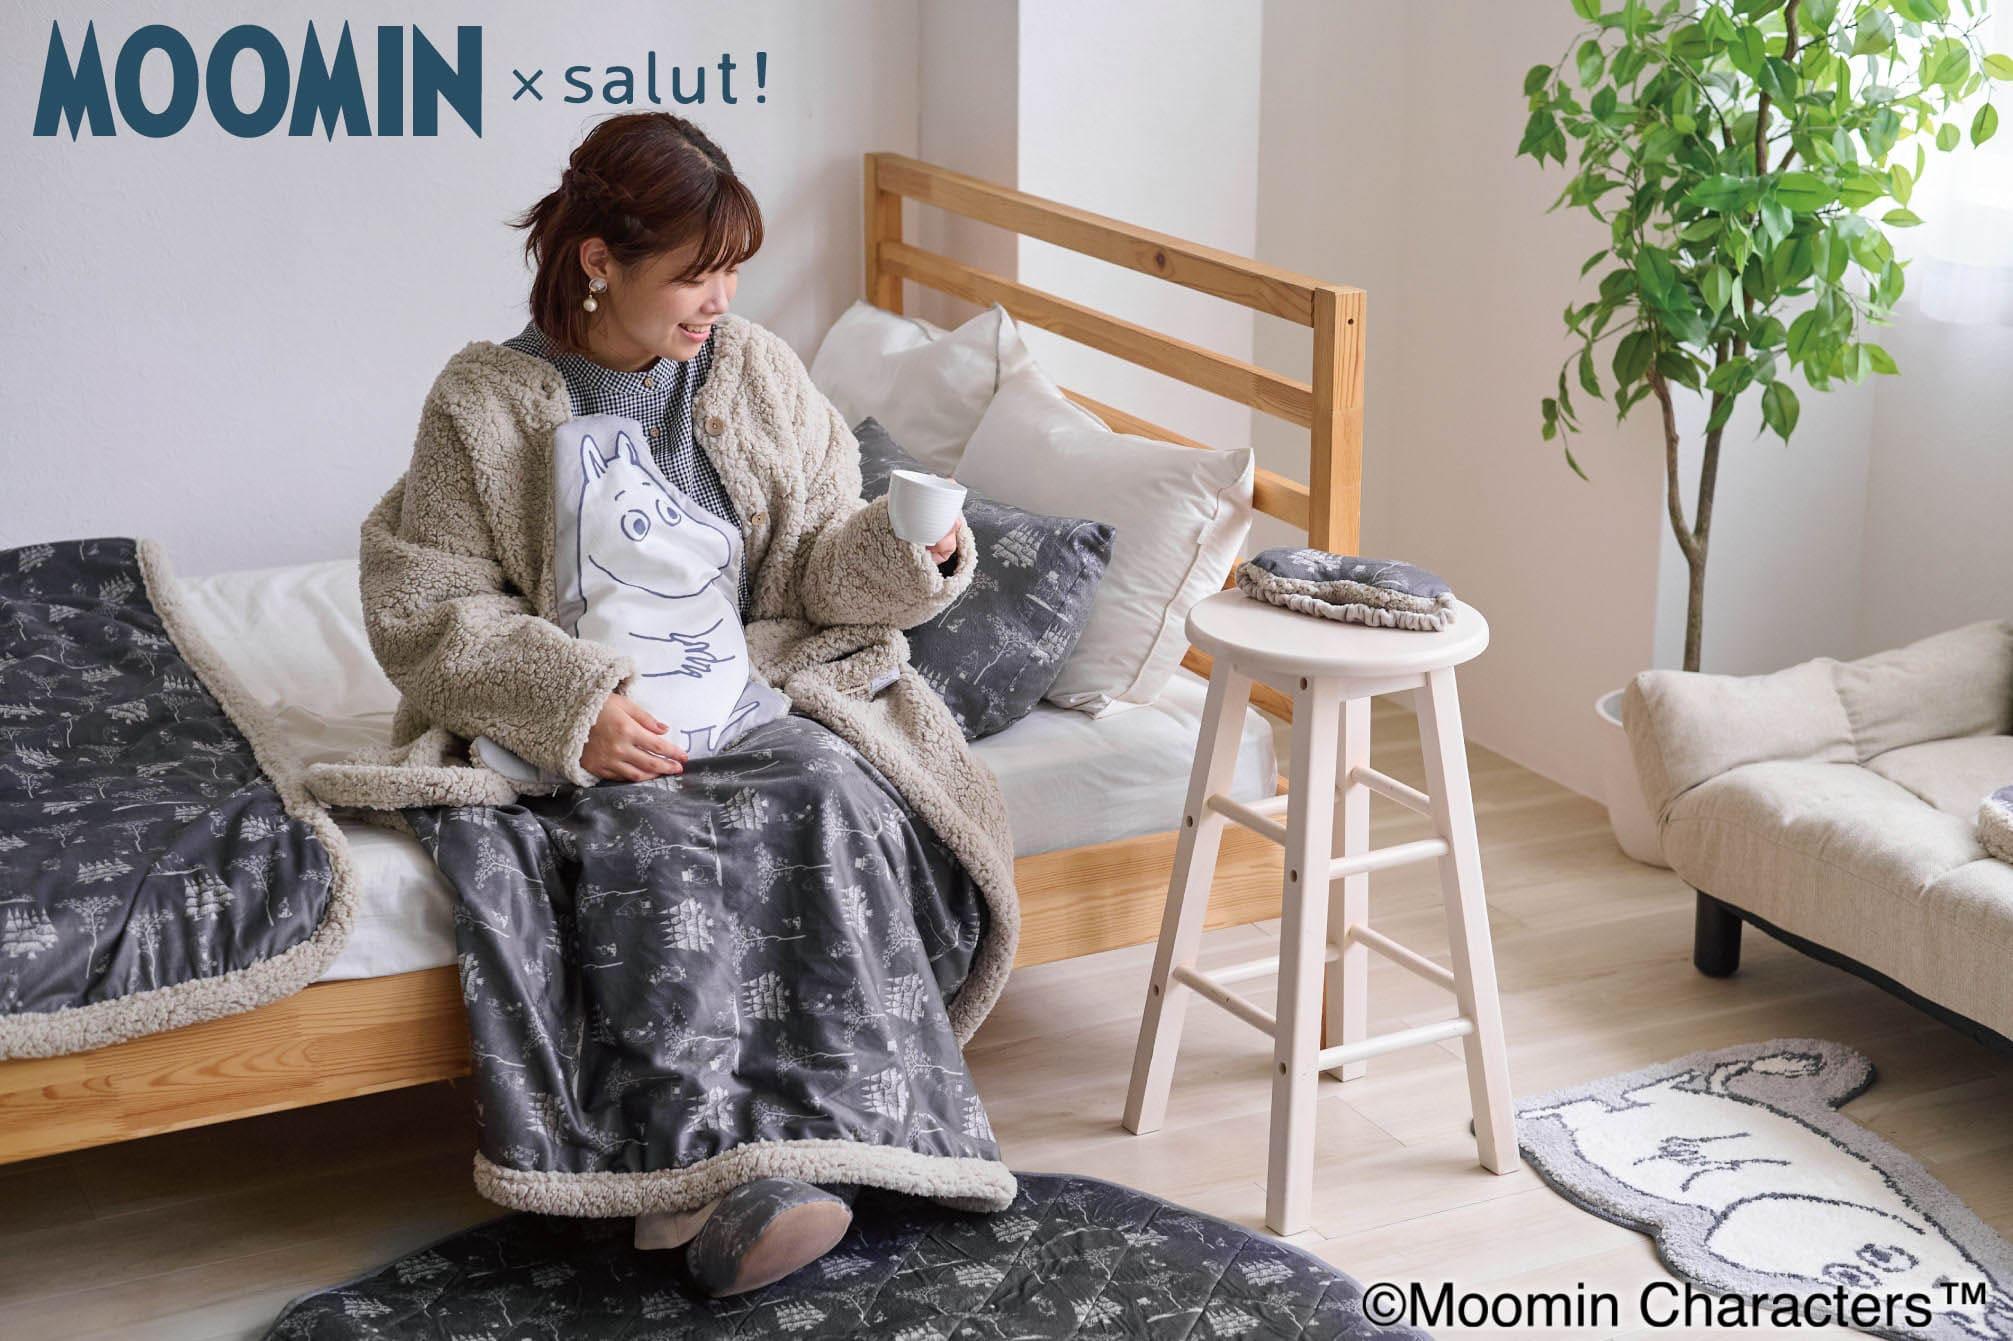 salut! 【第二弾】ムーミンアイテムのご紹介!